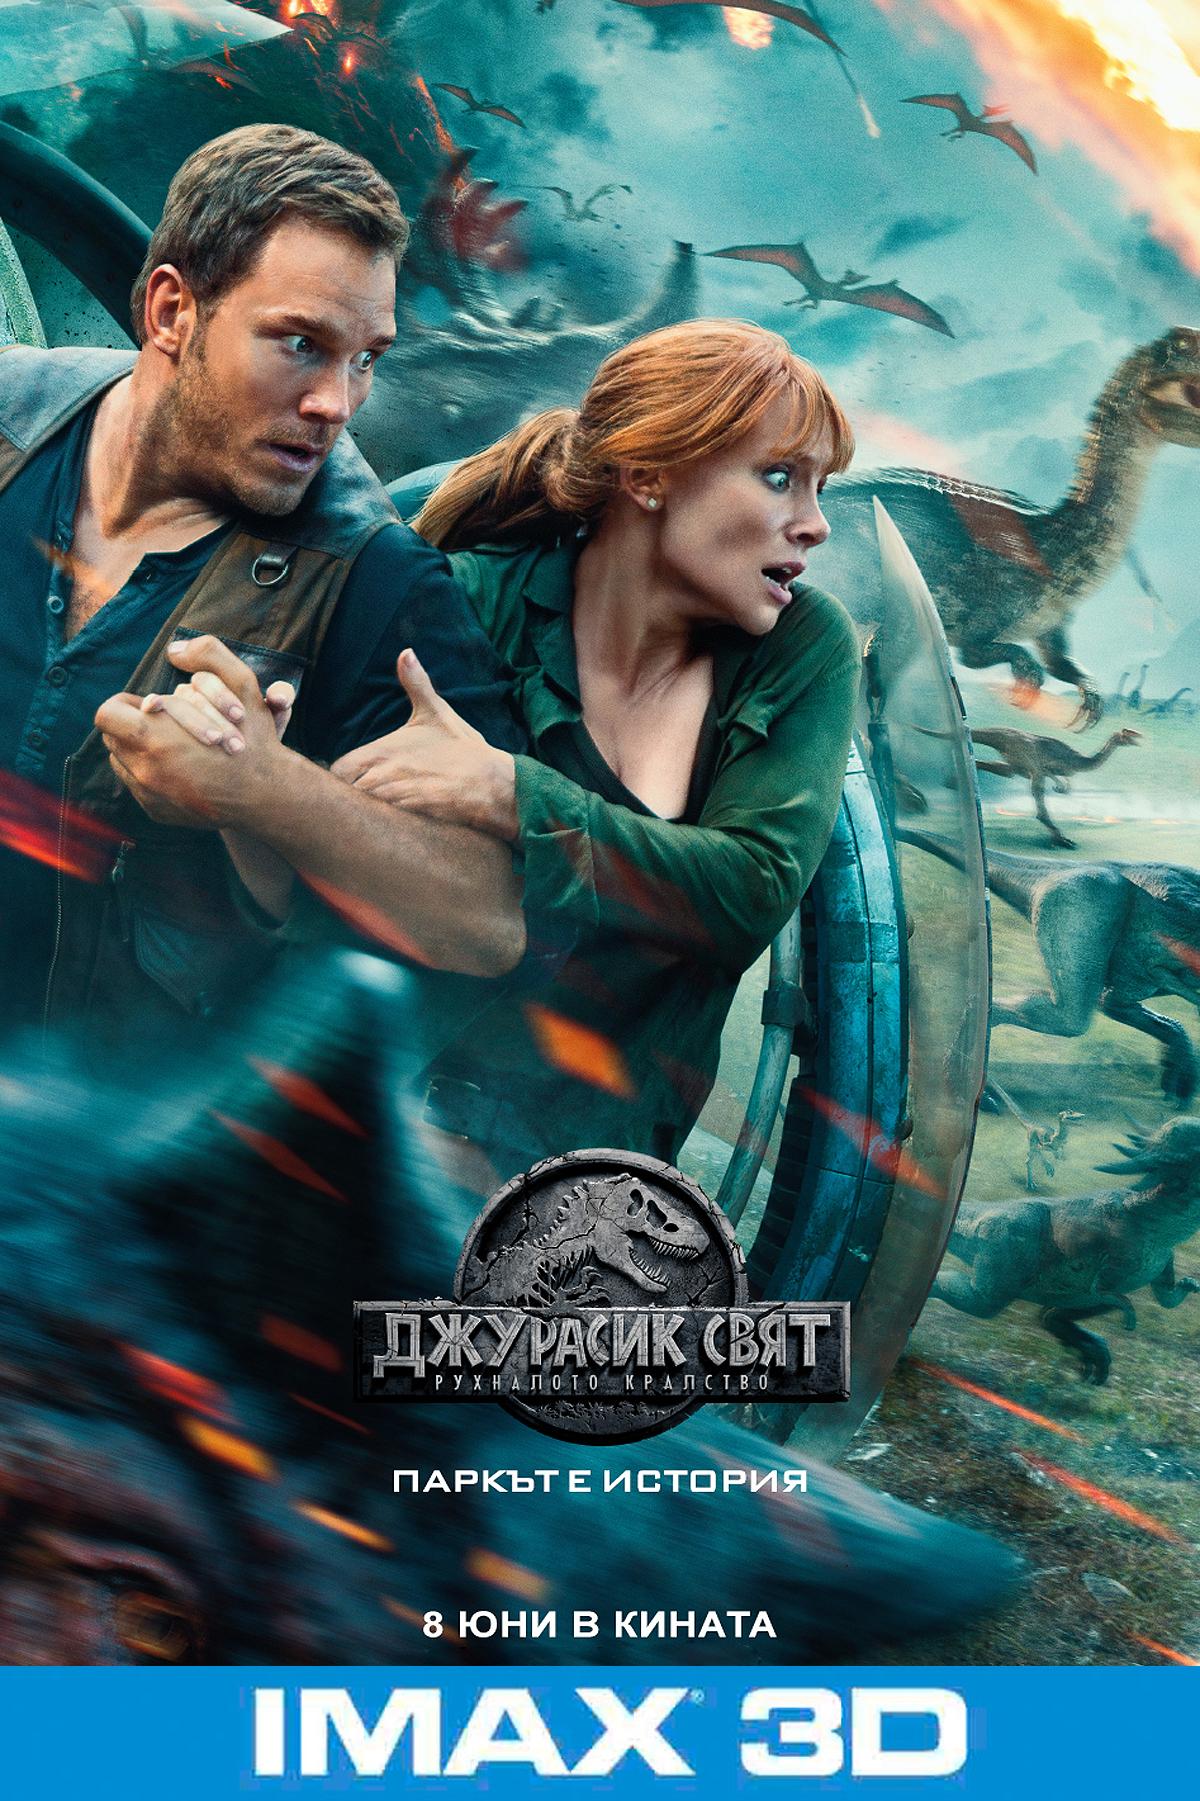 Джурасик свят: Рухналото кралство IMAX 3D